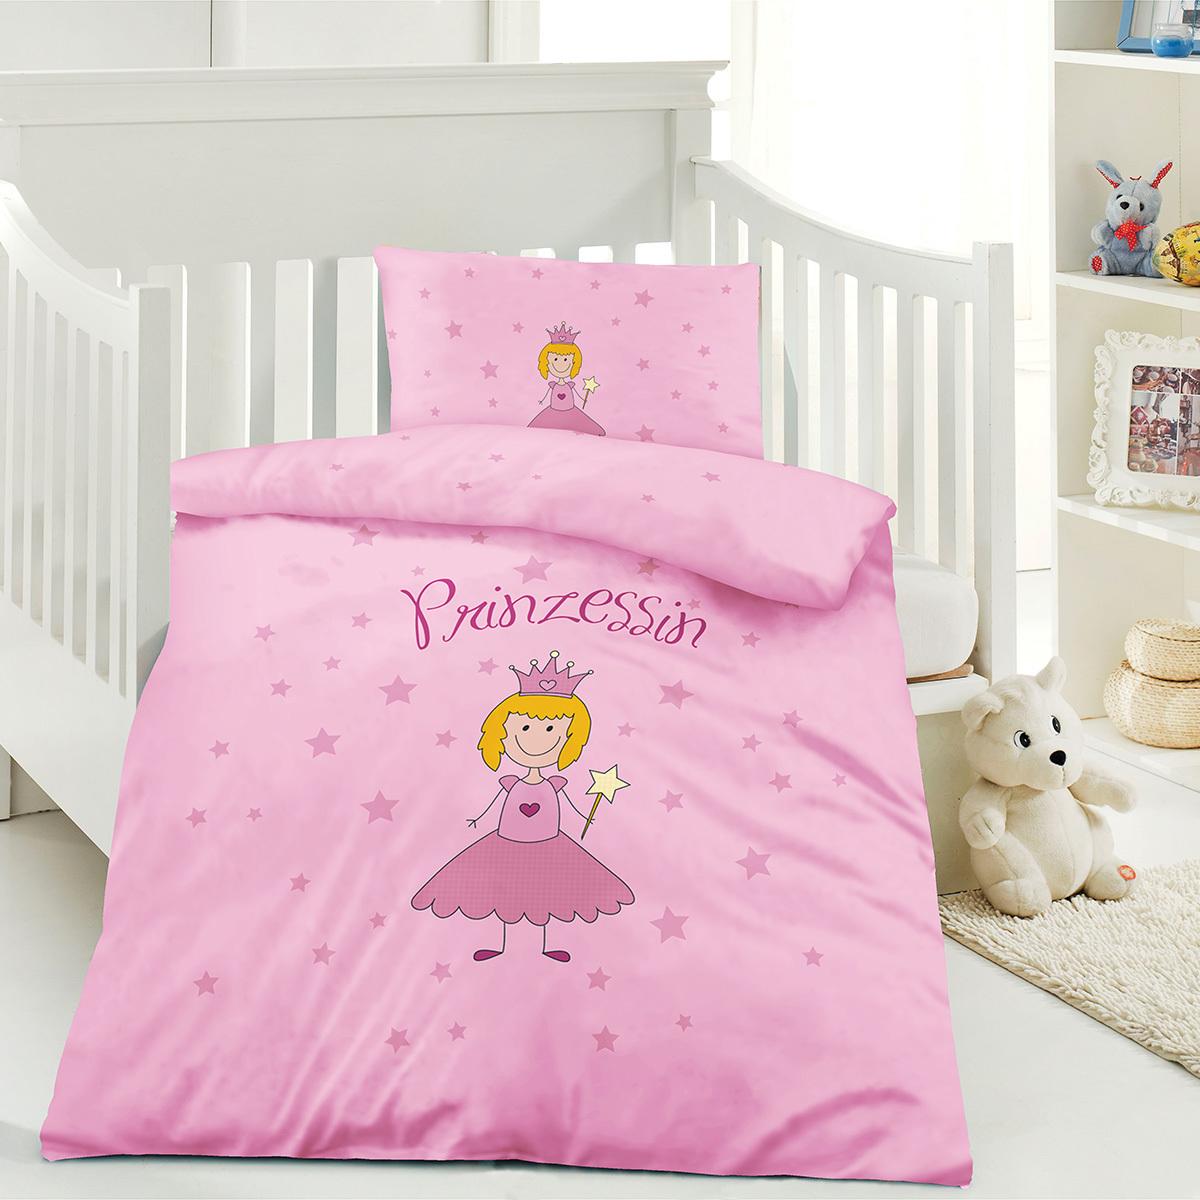 Optidream Renforcé Kinderbettwäsche Prinzessin